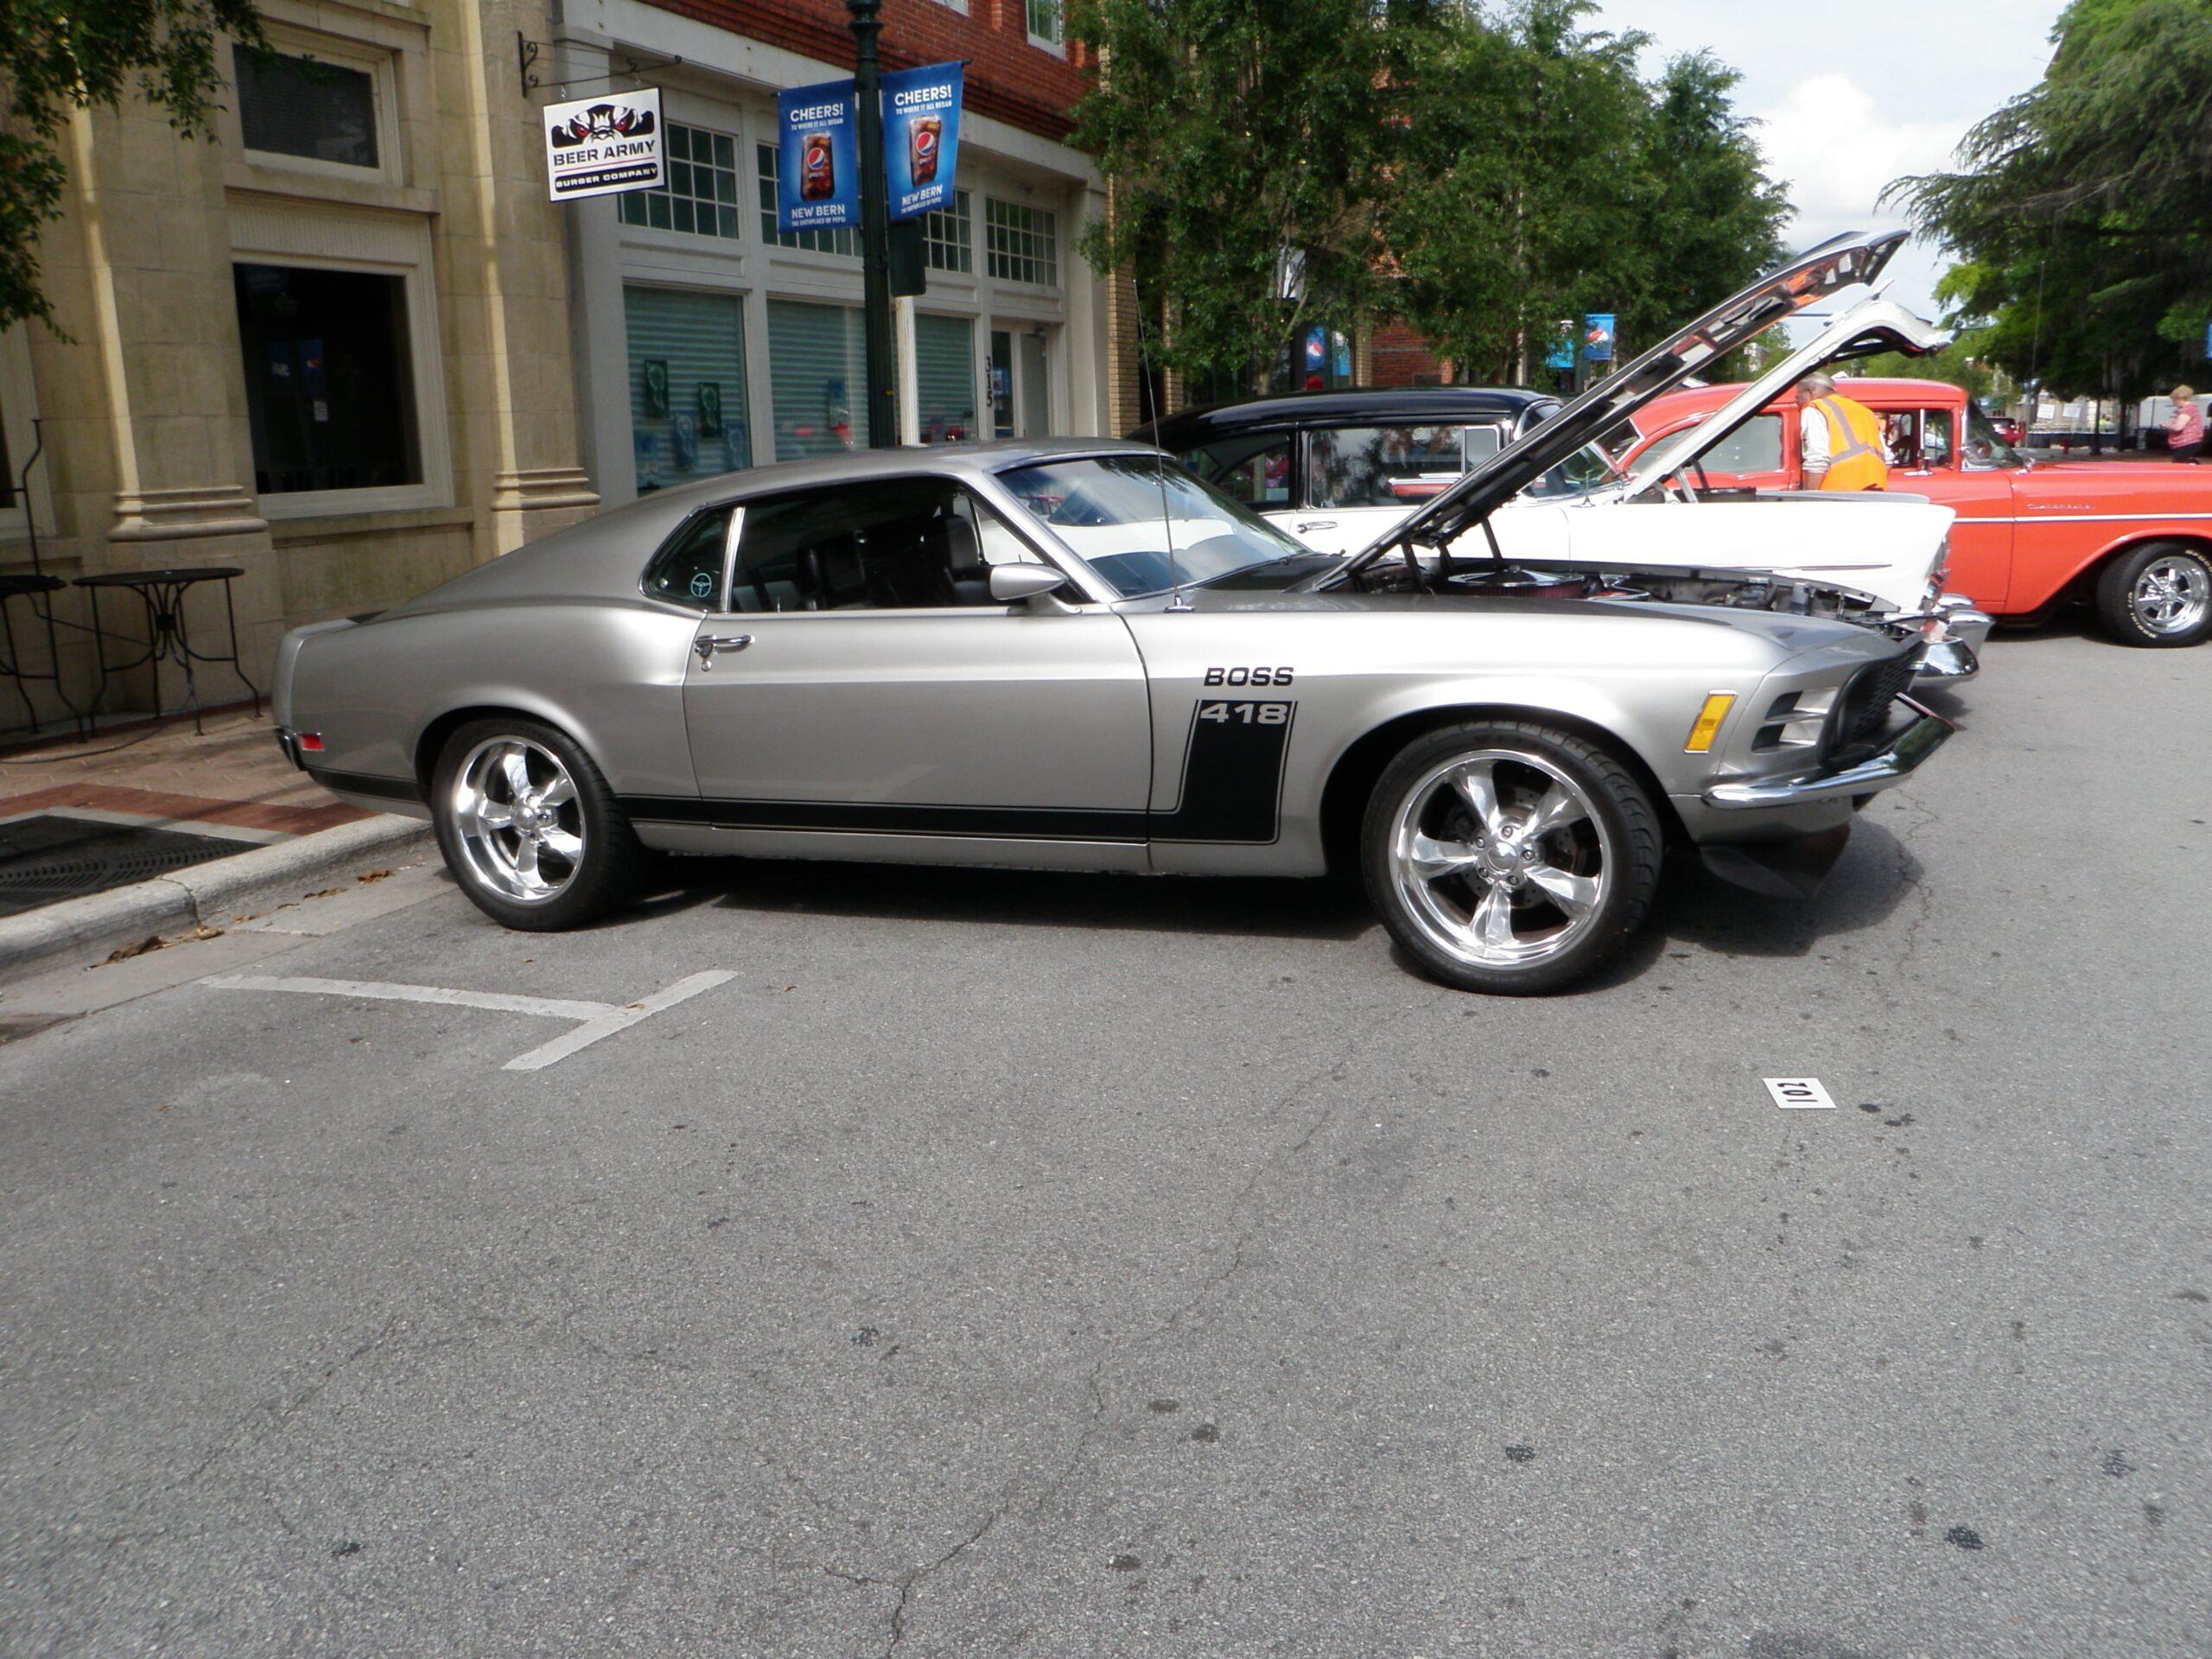 Jon Heytota - New Bern, NC - 1970 Ford Mustang